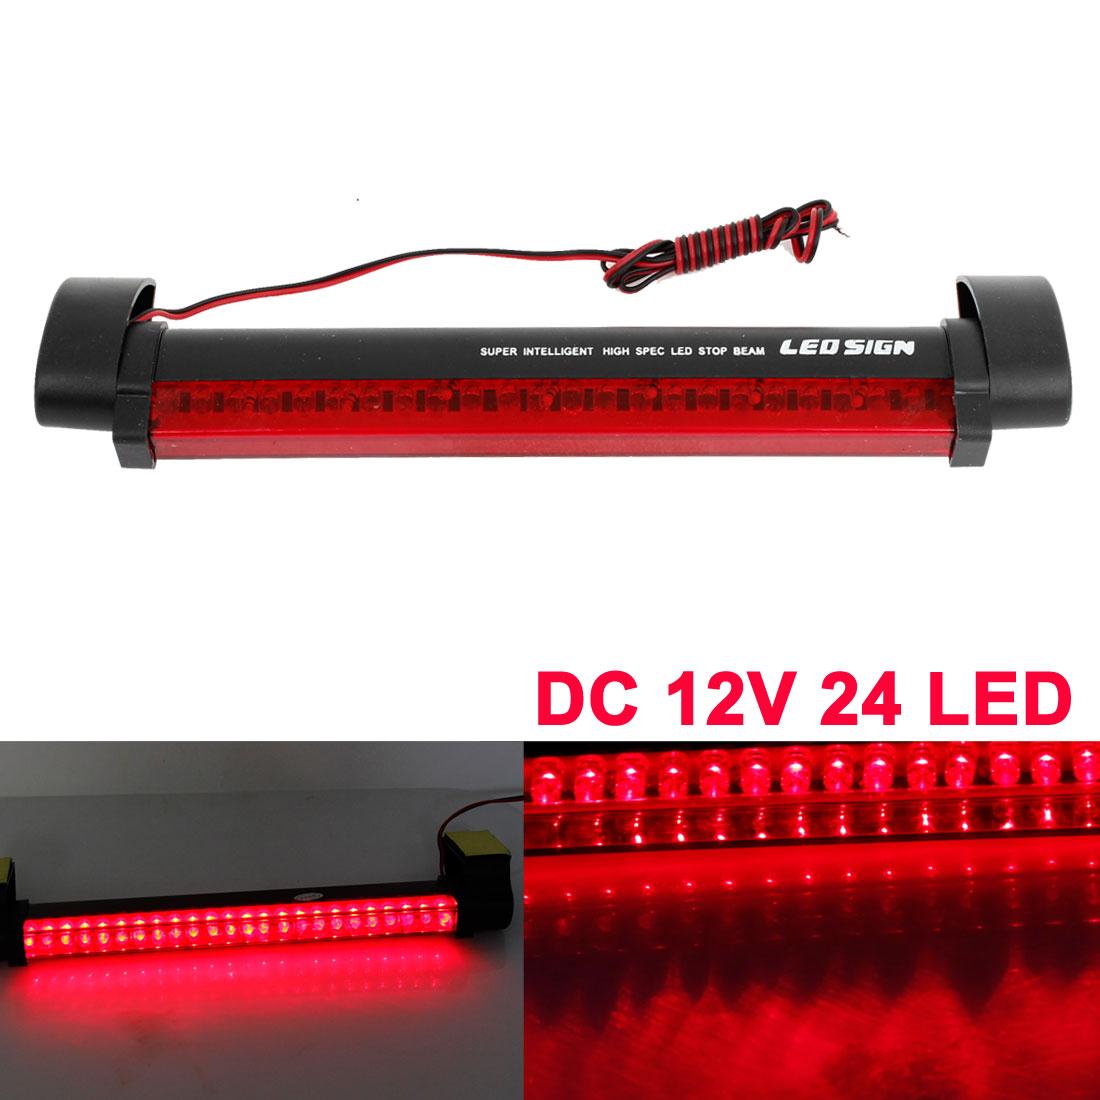 Задние поворотники DC 12V 24 LED 50 24 x 5,5 x 2,5